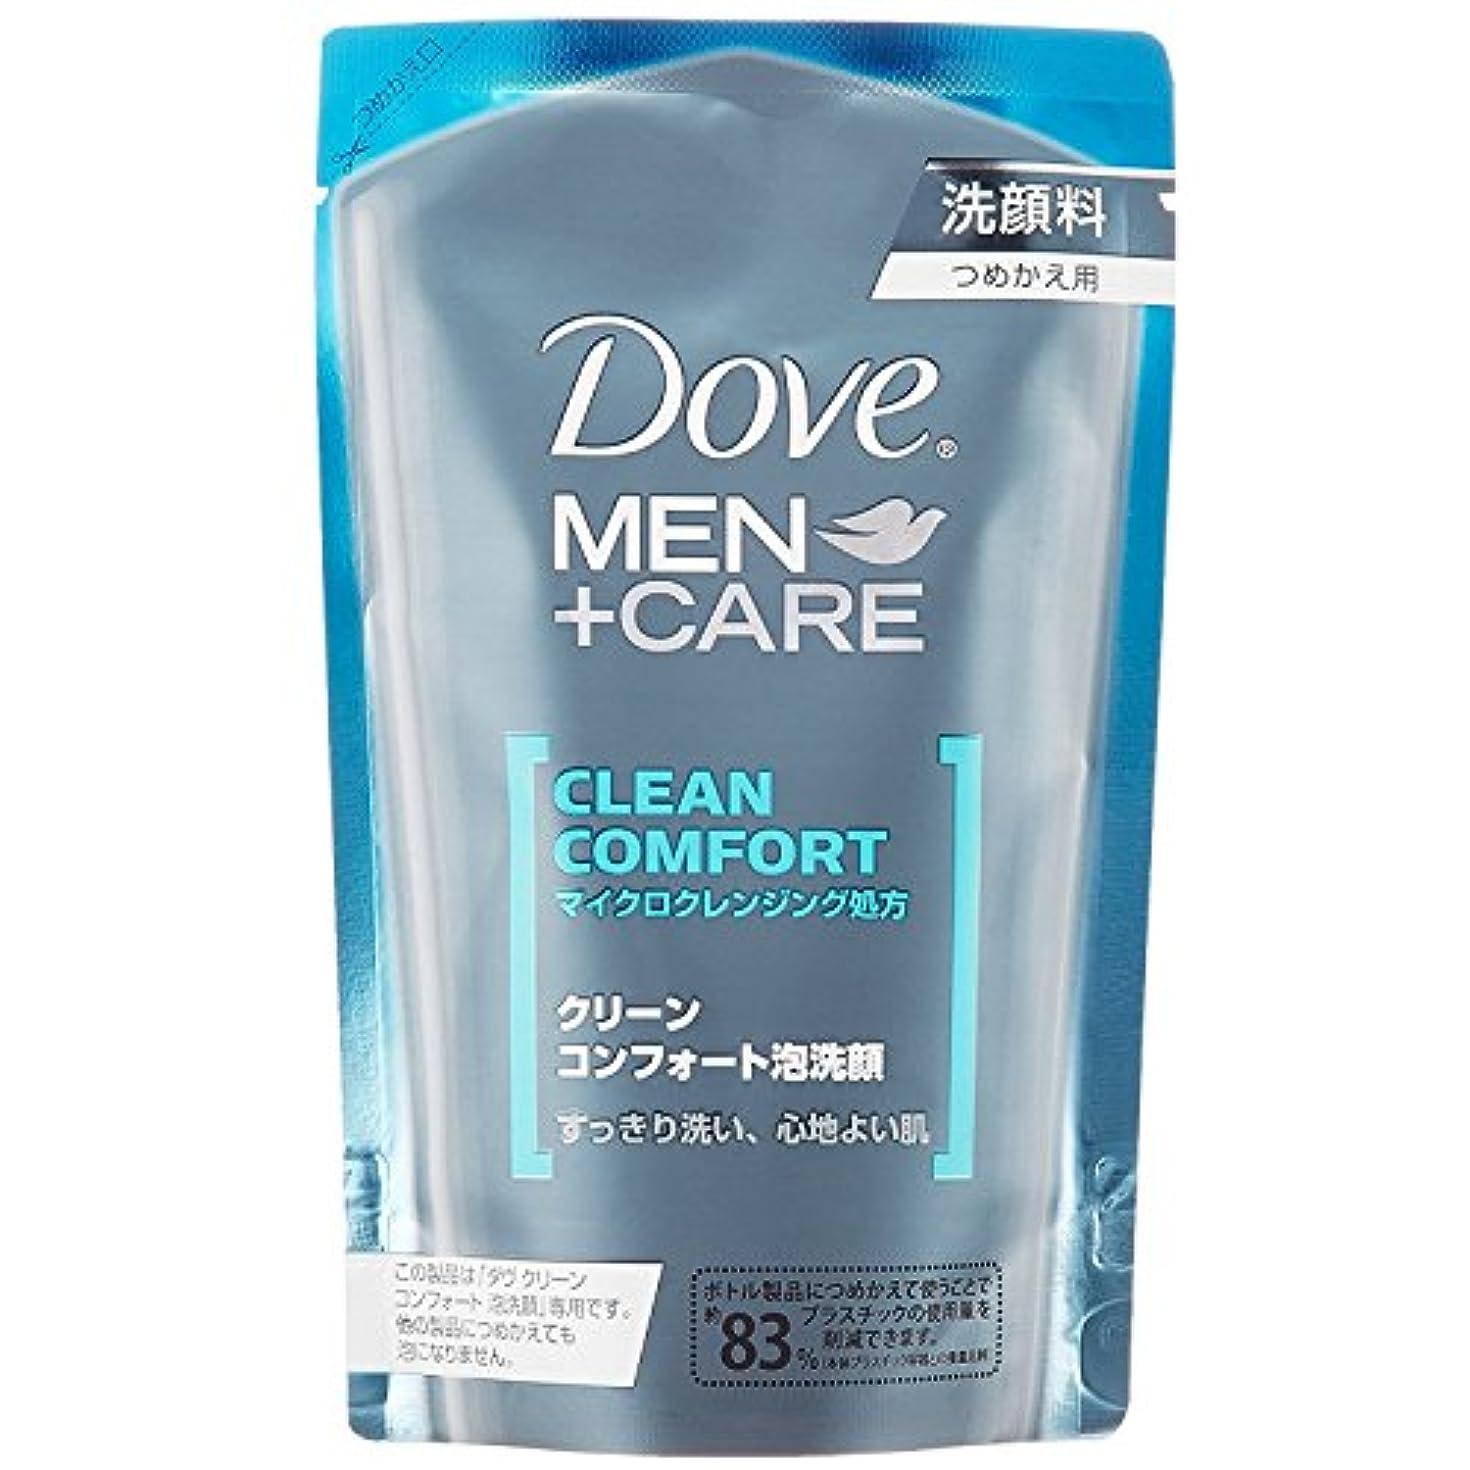 無駄な拮抗するはがきダヴ クリーンコンフォート 泡洗顔 つめかえ用 110ml